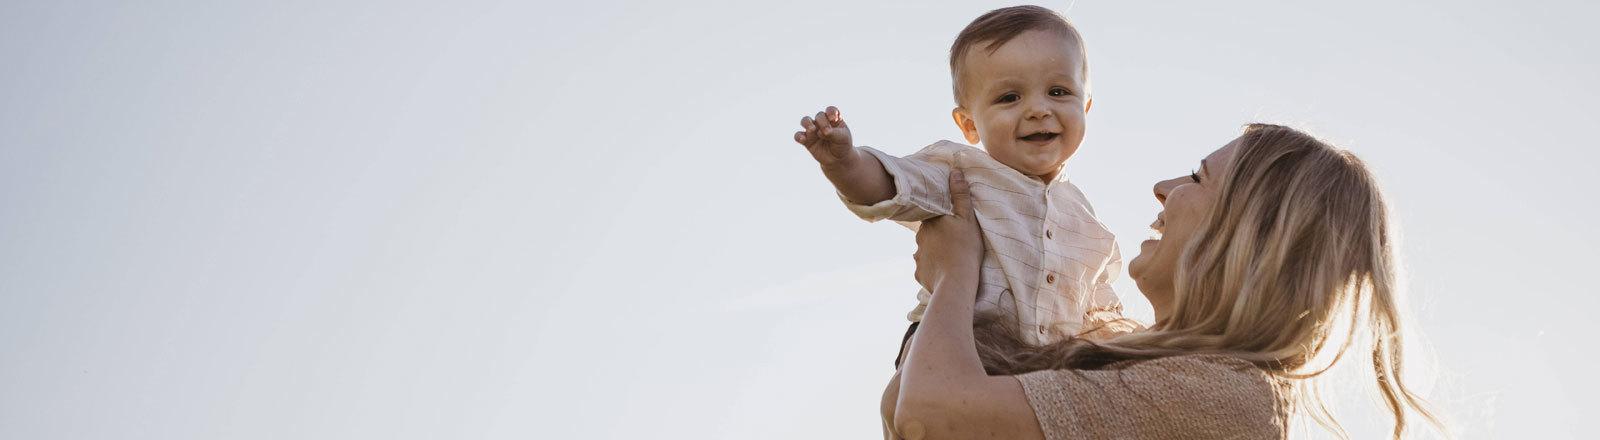 Eine Frau hält ihr Baby auf dem Arm.